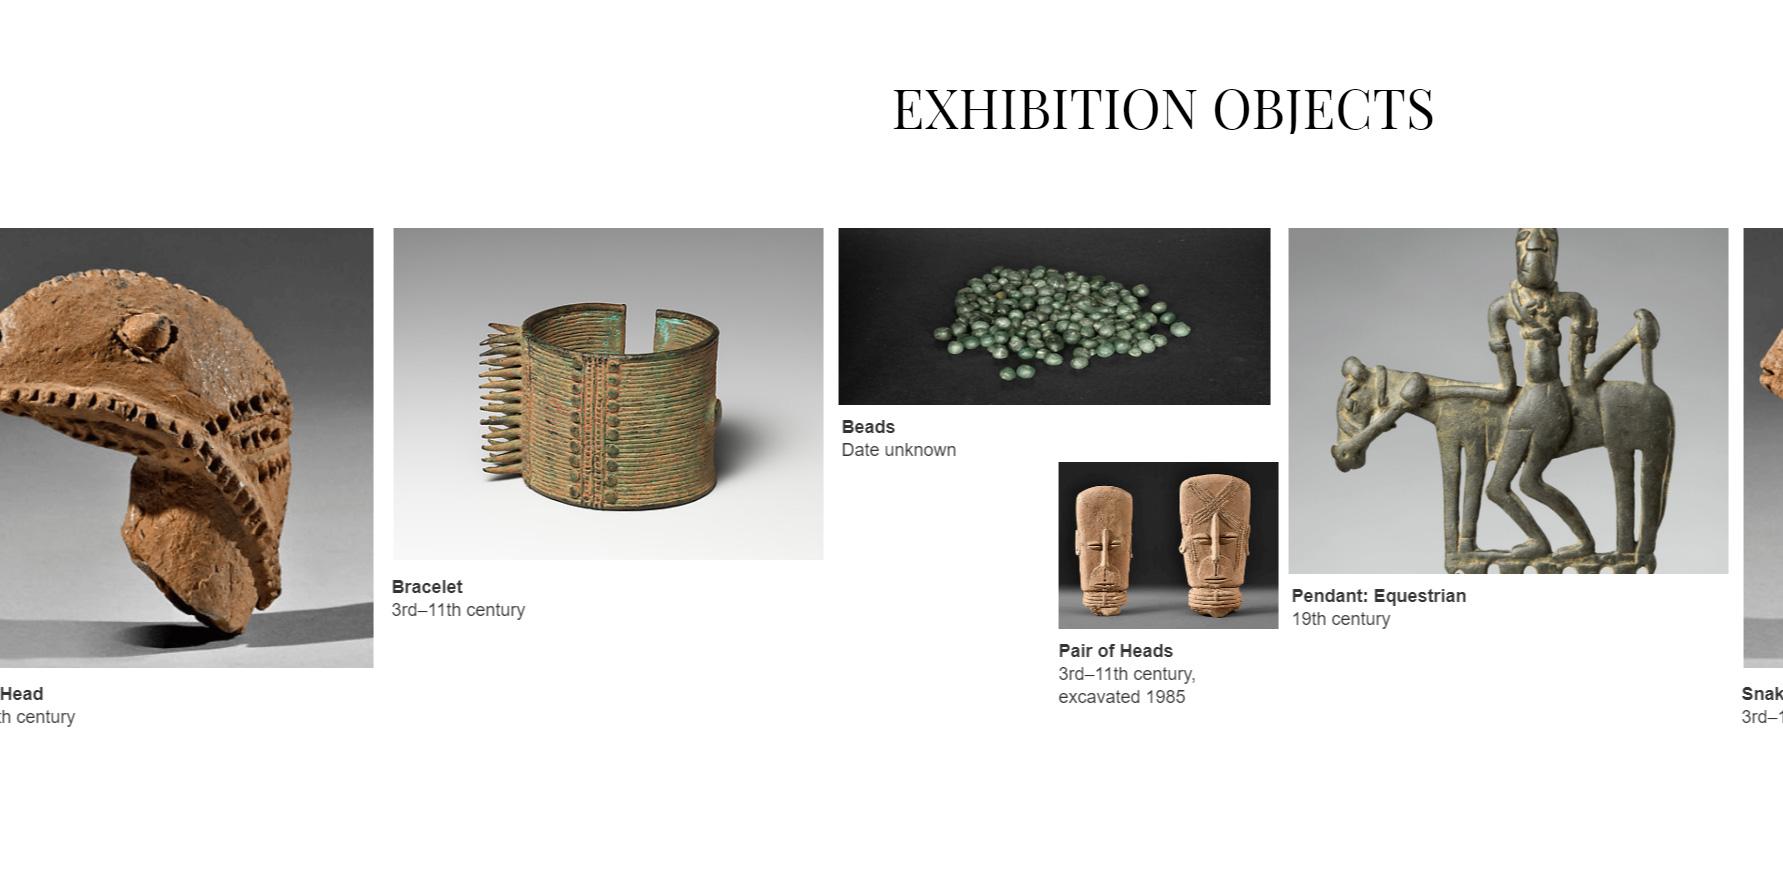 THE MET MUSEUM - Website of the Day